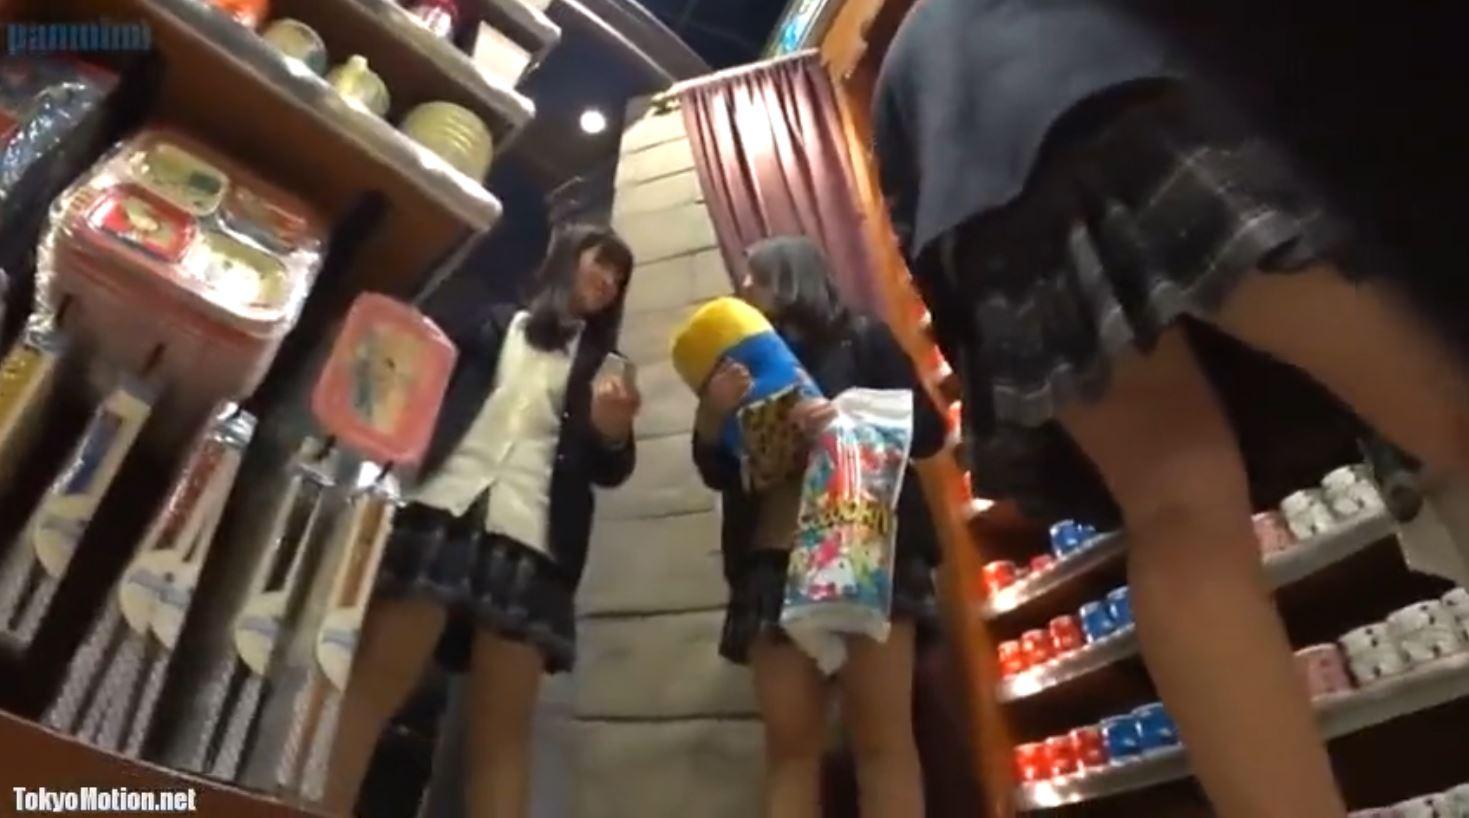 《女子校生リアル動画パンティ逆さ盗撮》『修学旅行?テーマパーク内のショップ?』制服JKのパンツを撮影♪